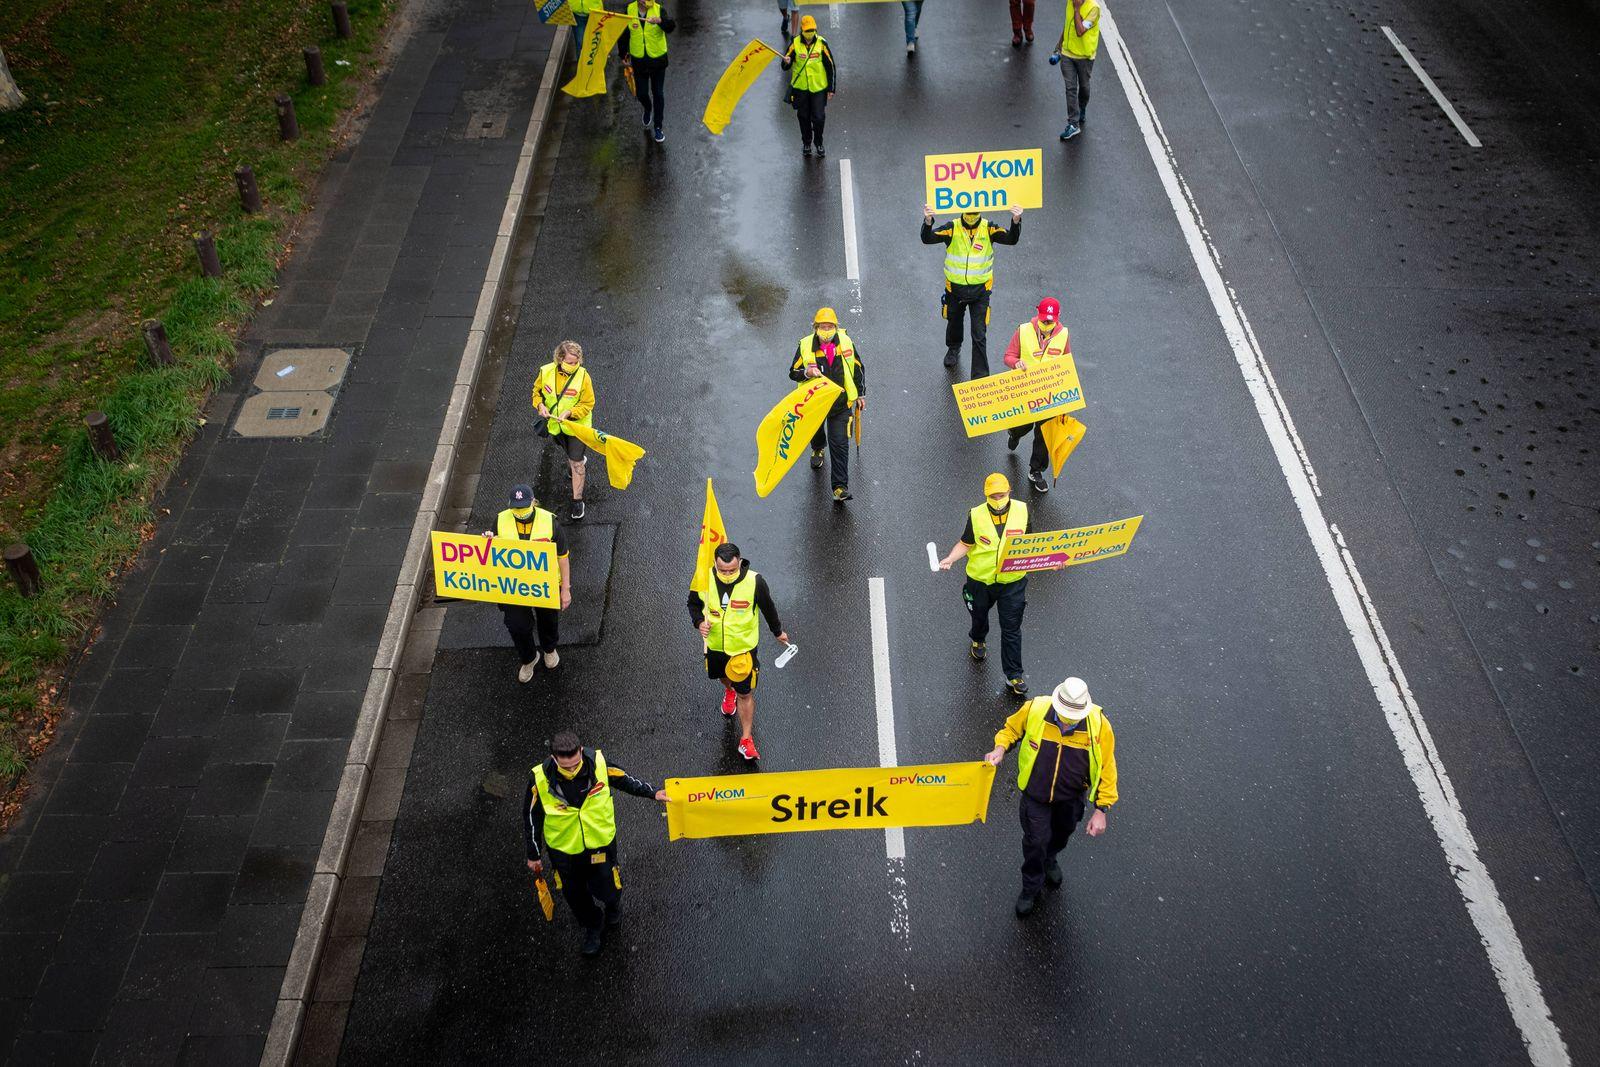 Mitarbeiter der Deutschen Post streiken am 03.09.2020 vor dem Posttower in Bonn Mitarbeiter der Deutschen Post streike v